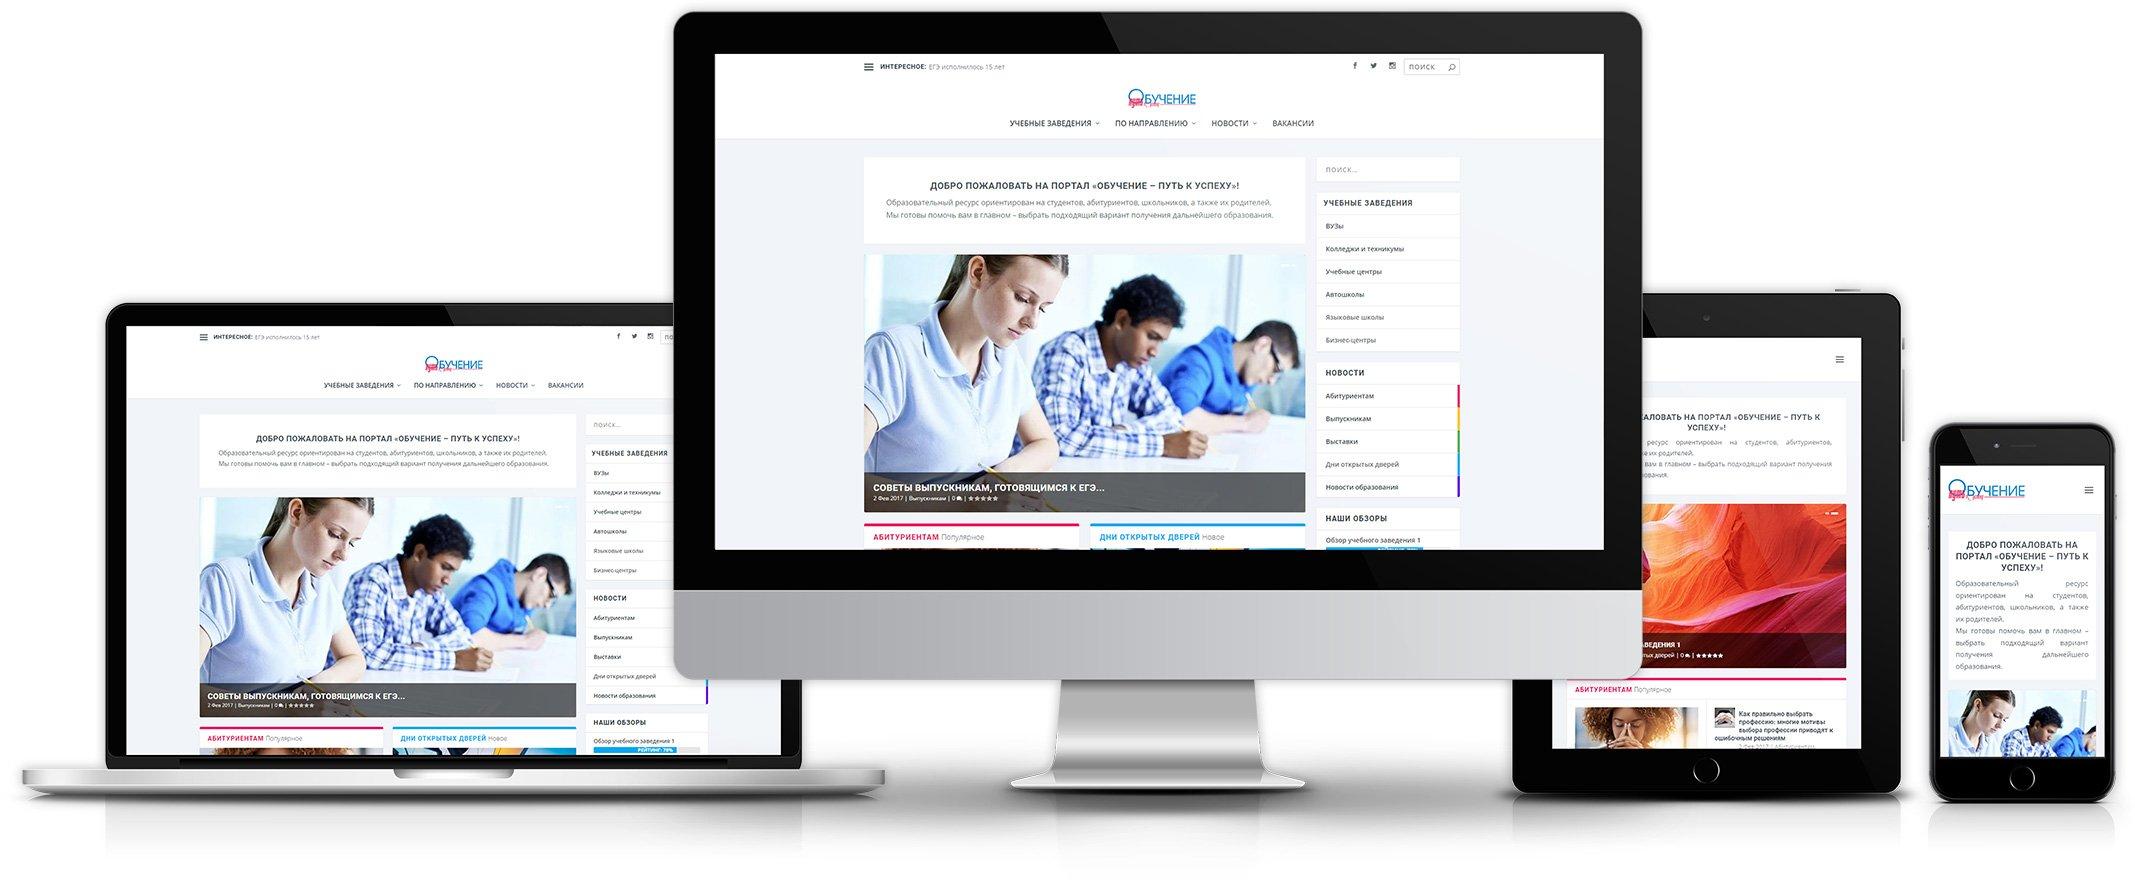 Создание сайта Obuchenie56.ru - образовательный портал в Оренбурге